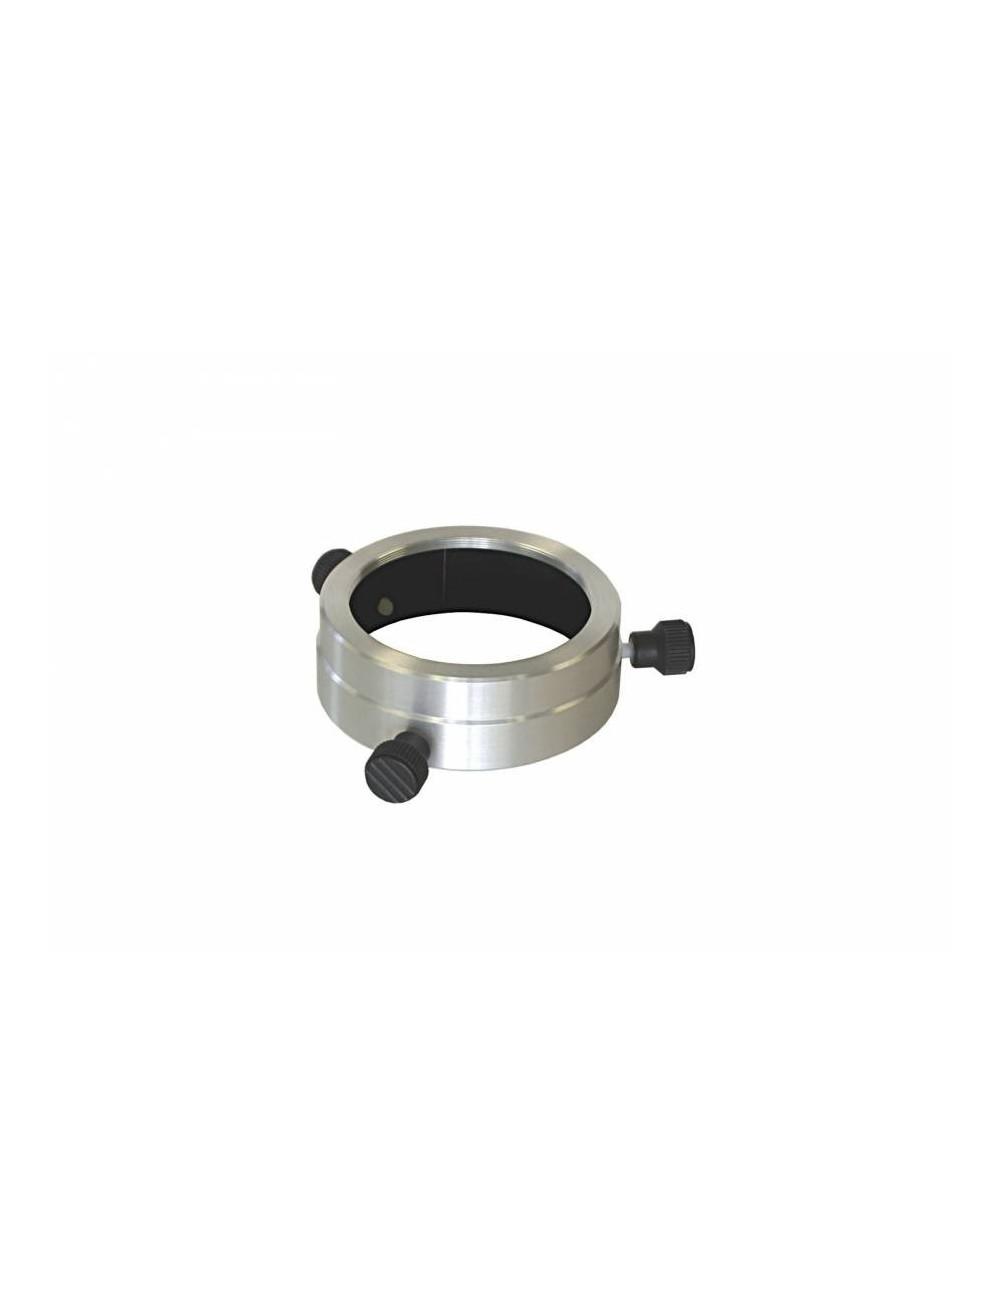 Adaptateur pour filtres solaires LUNT LS50/60FHa pour instrument avec un diamètre extérieur entre 101 et 120mm